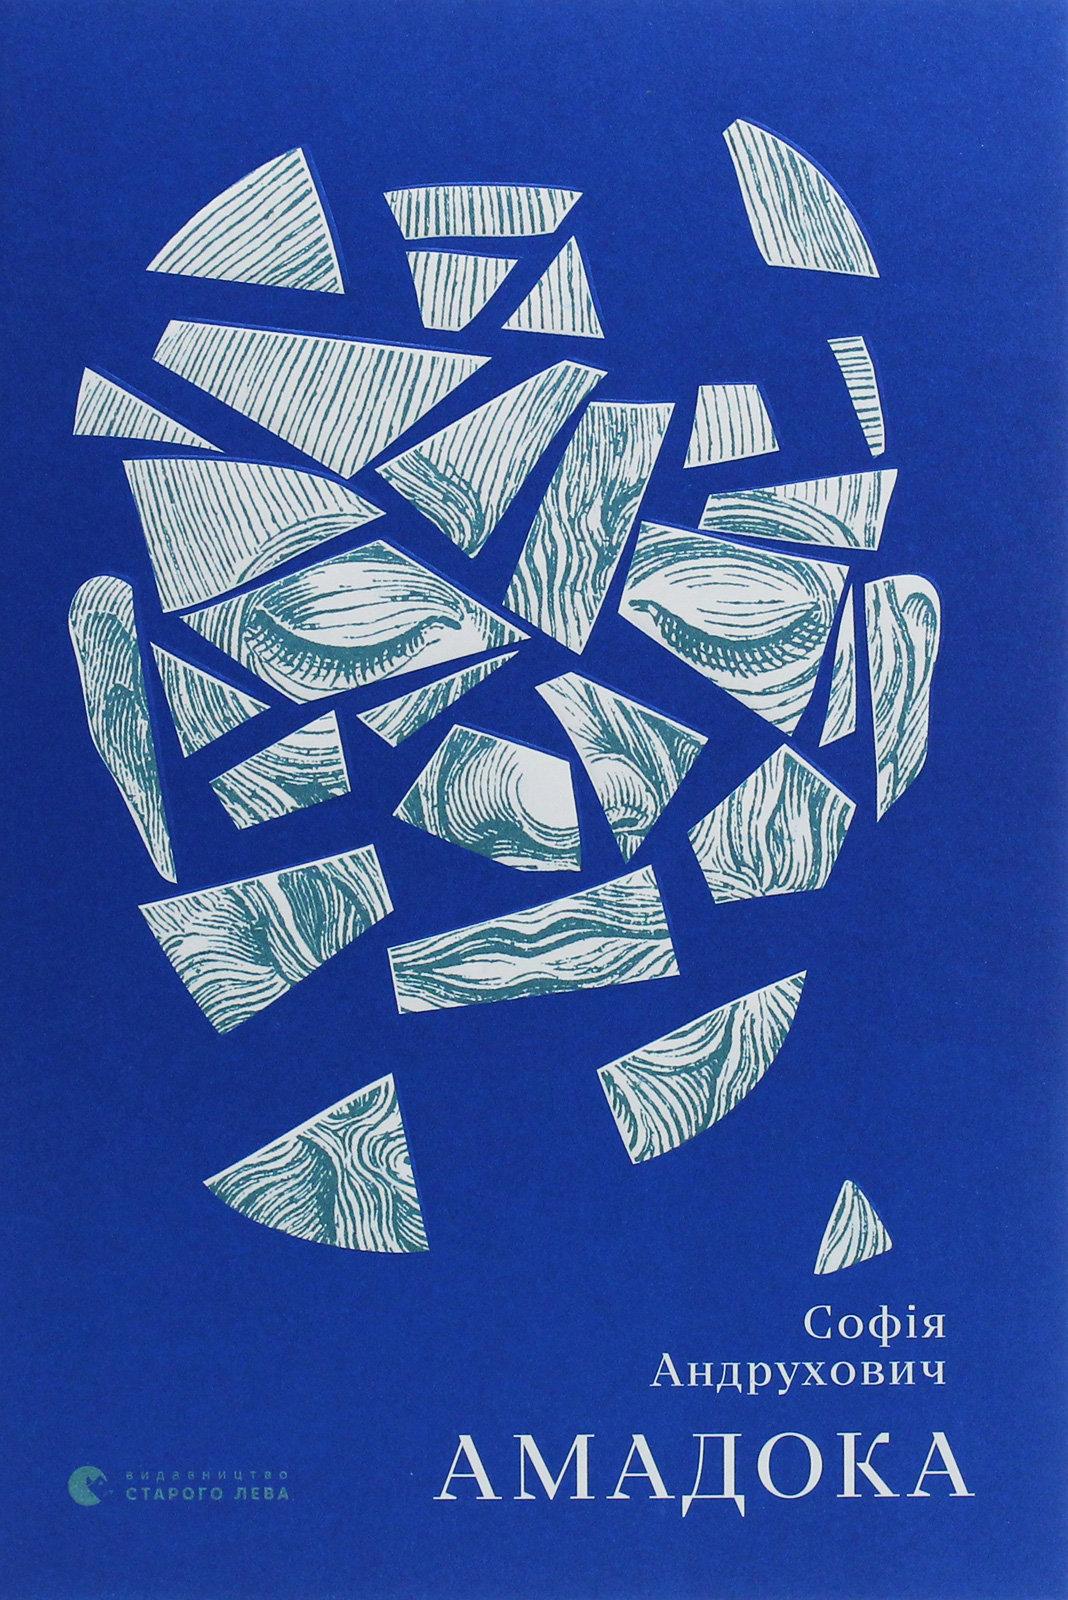 """Днепрянам на заметку: 7 книг украинских писателей, которые """"переворачивают мир с ног на голову"""" , фото-7"""